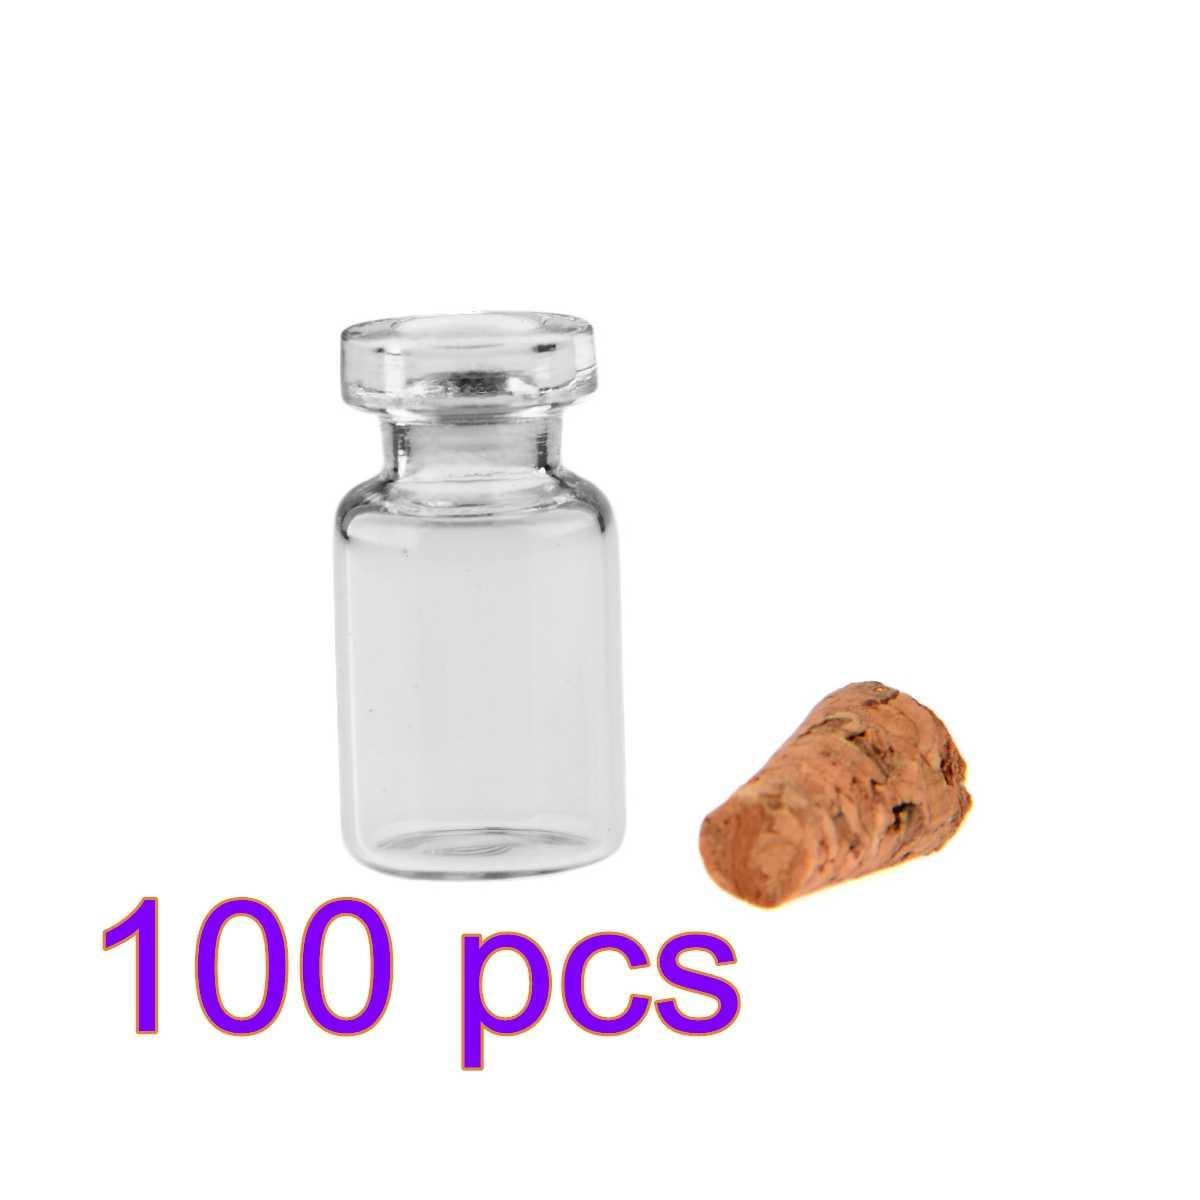 50Pcs/100Pcs 0.5Mlมินิขวดแก้วล้างขวดขวดที่ว่างเปล่าขวดแก้วงานแต่งงานWishเครื่องประดับparty Favors